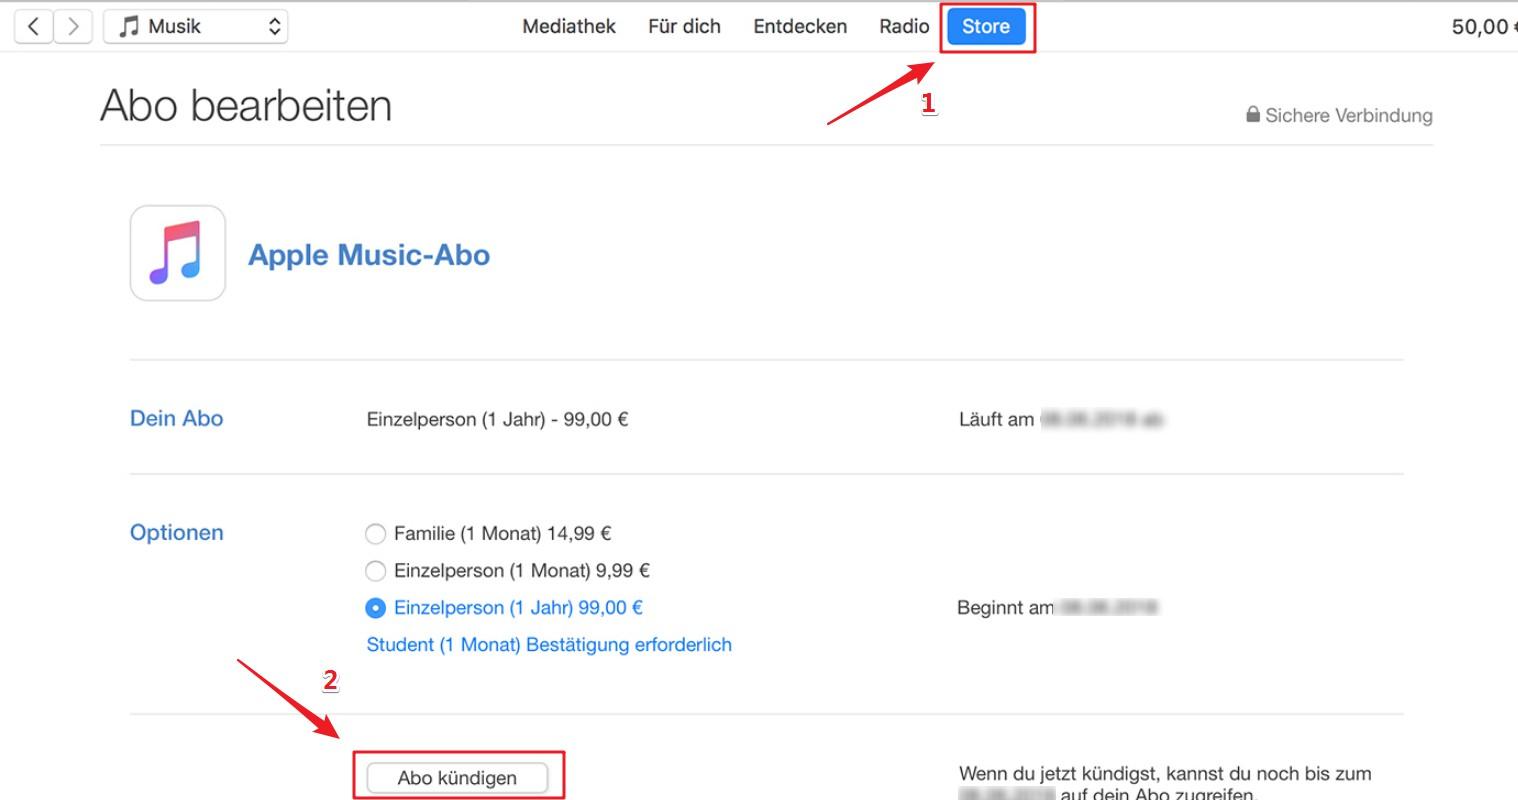 Apple Musik Abo auf iTunes abbrechen